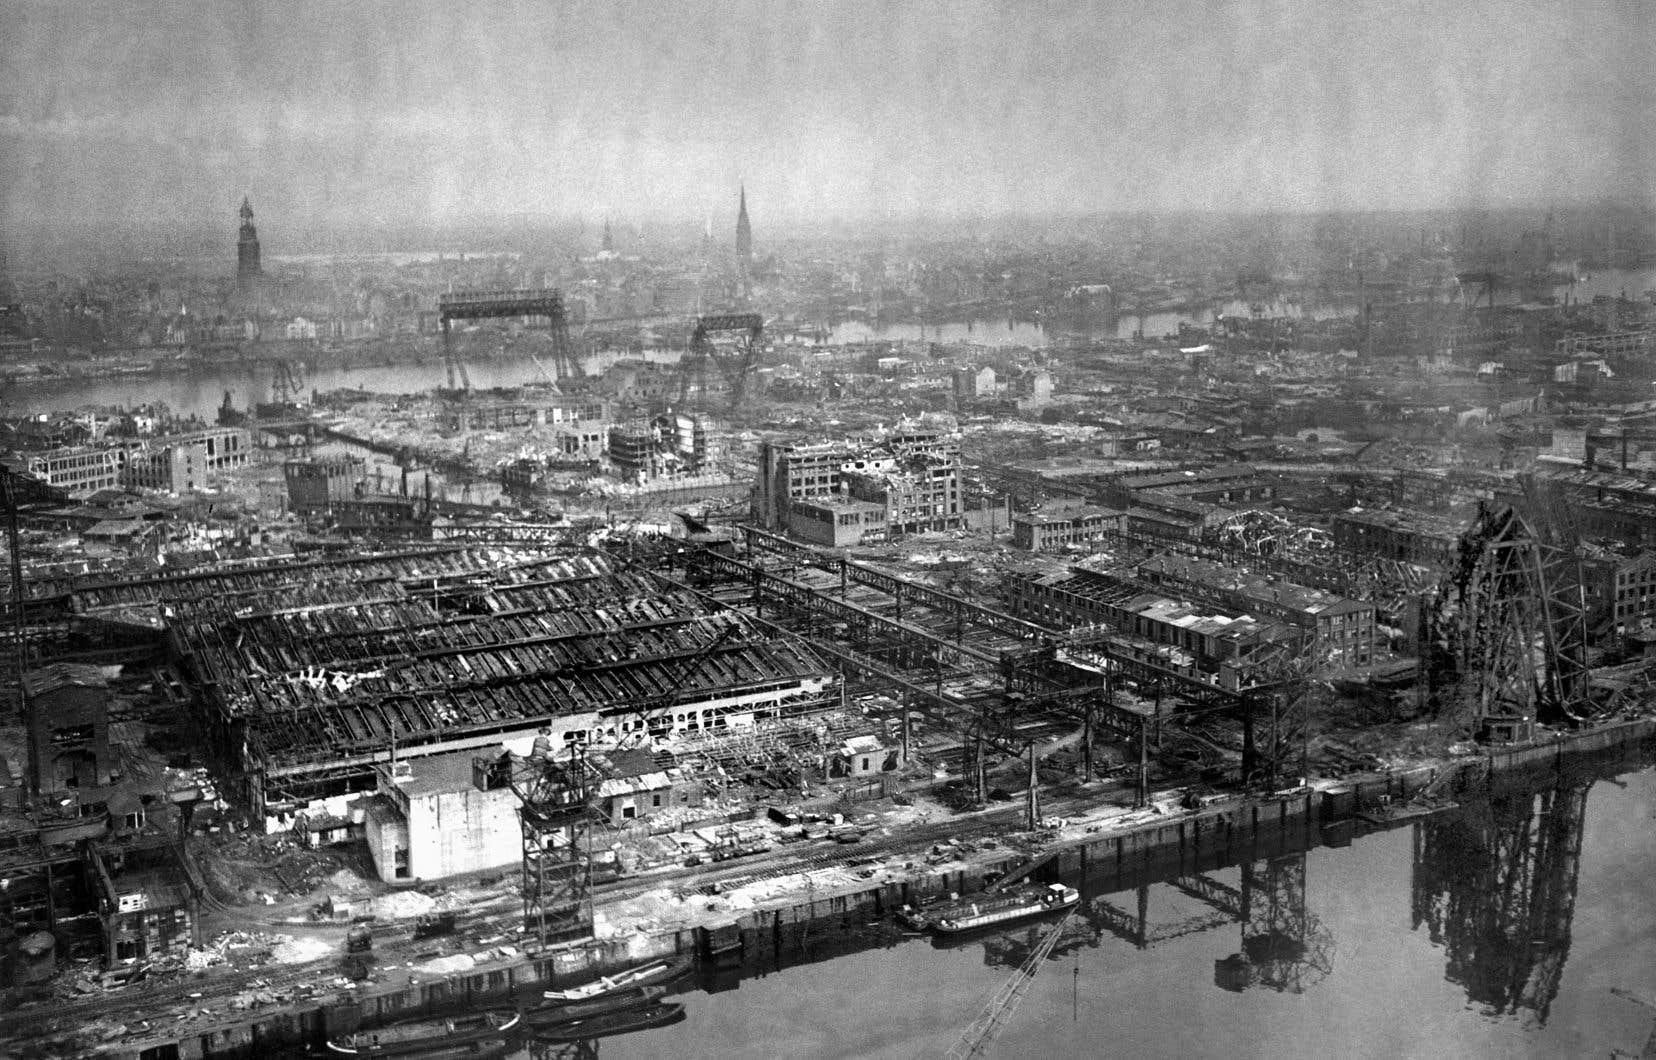 En 1948, Hambourg n'est qu'un tas de ruines; le port est dévasté et les bombardements alliés n'ont laissé que quelques vieux bâtiments tenant le coup.